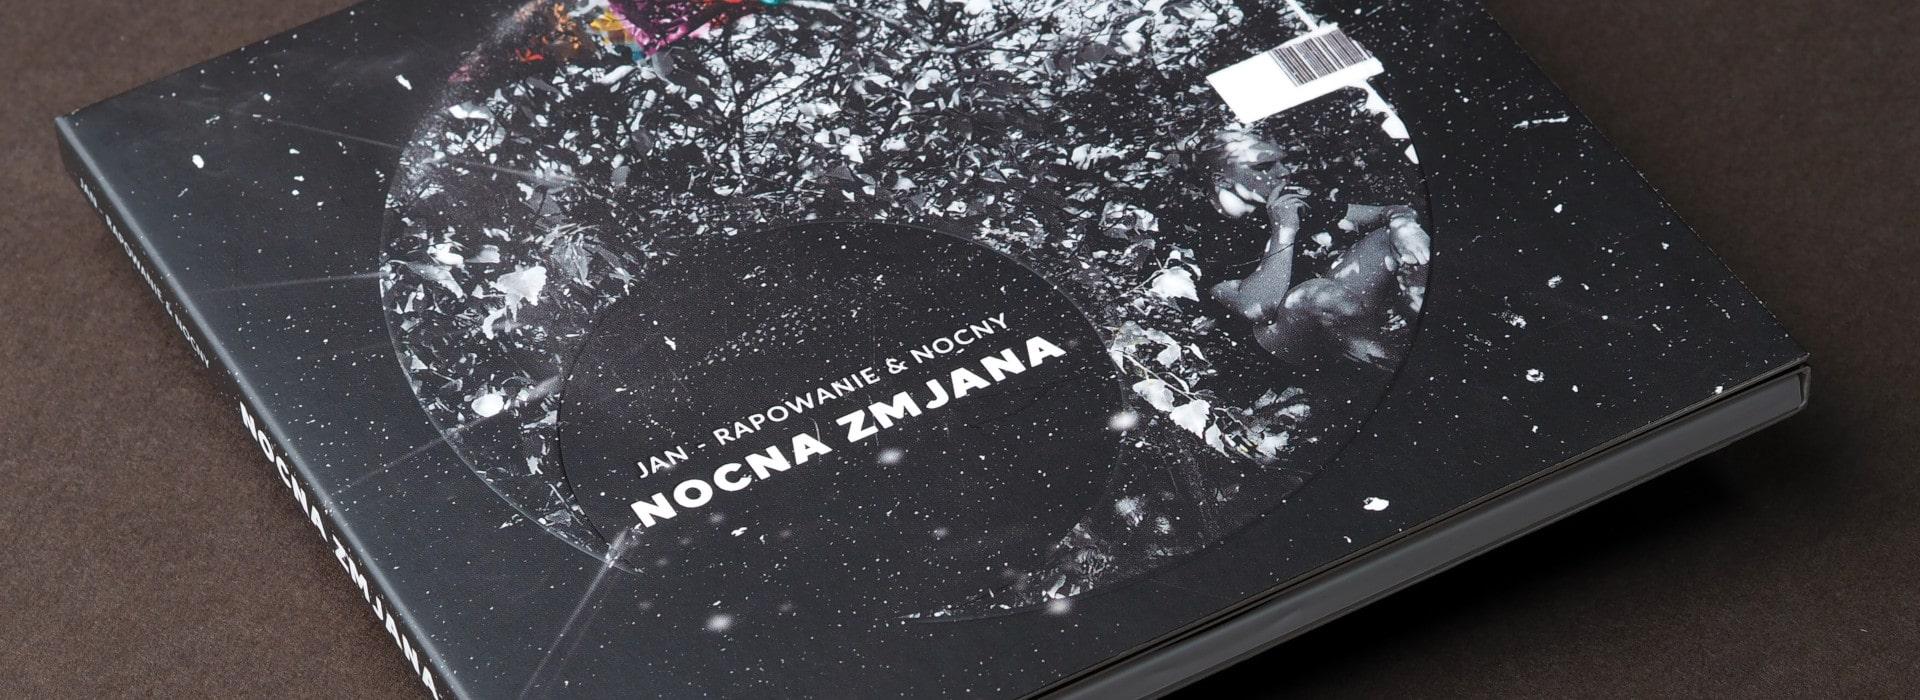 """JAN – RAPOWANIE & NOCNY """"Nocna Zmjana"""""""